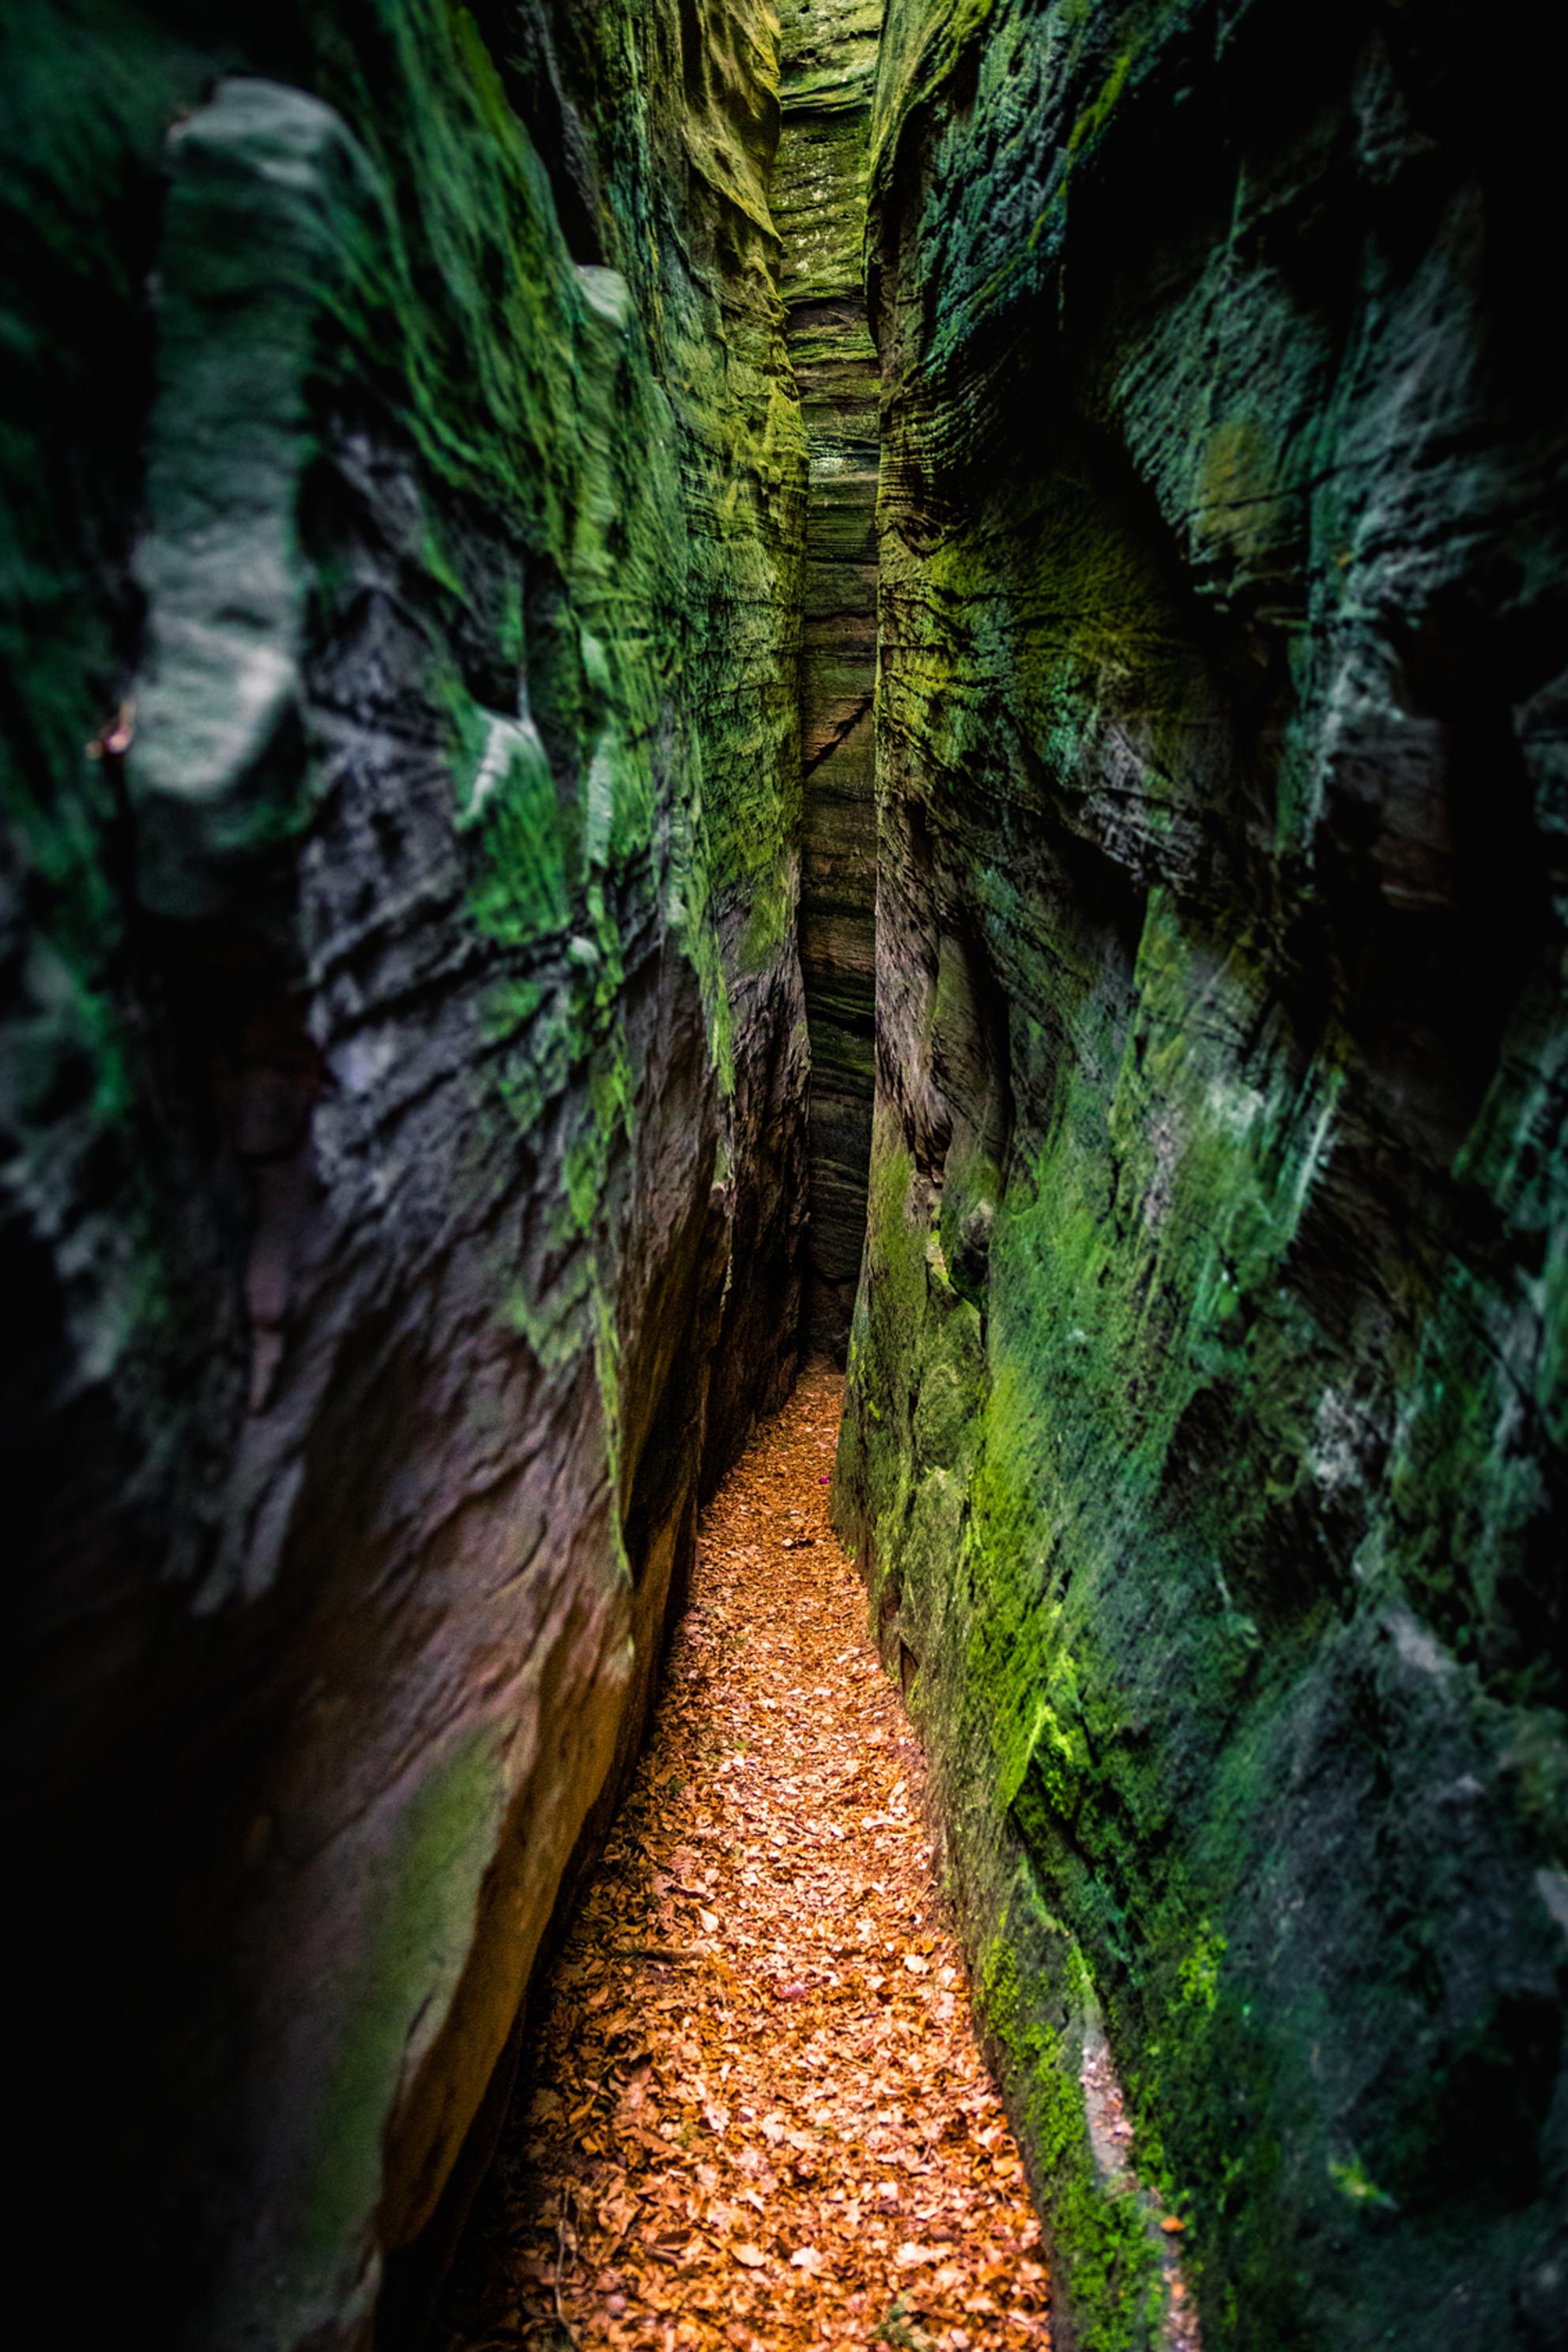 Gorge-ous - Een van de zeven kloven in het 'sept gorges' complex nabij het plaatsje Berdorf in Luxemburg. Sommige van deze kloven zijn slechts 30cm breed en je k - foto door Sake-van-Pelt op 24-04-2017 - deze foto bevat: groen, bladeren, lente, natuur, klein, geel, licht, herfst, vakantie, landschap, pad, voorjaar, bergen, zwitserland, luxemburg, small, gorge, kloof, blaadjes, gorges, kloven, zeven, krap, claustrofobie, berdorf, Klein Zwitserland, claustrophobic, claustrofobisch, sept gorges